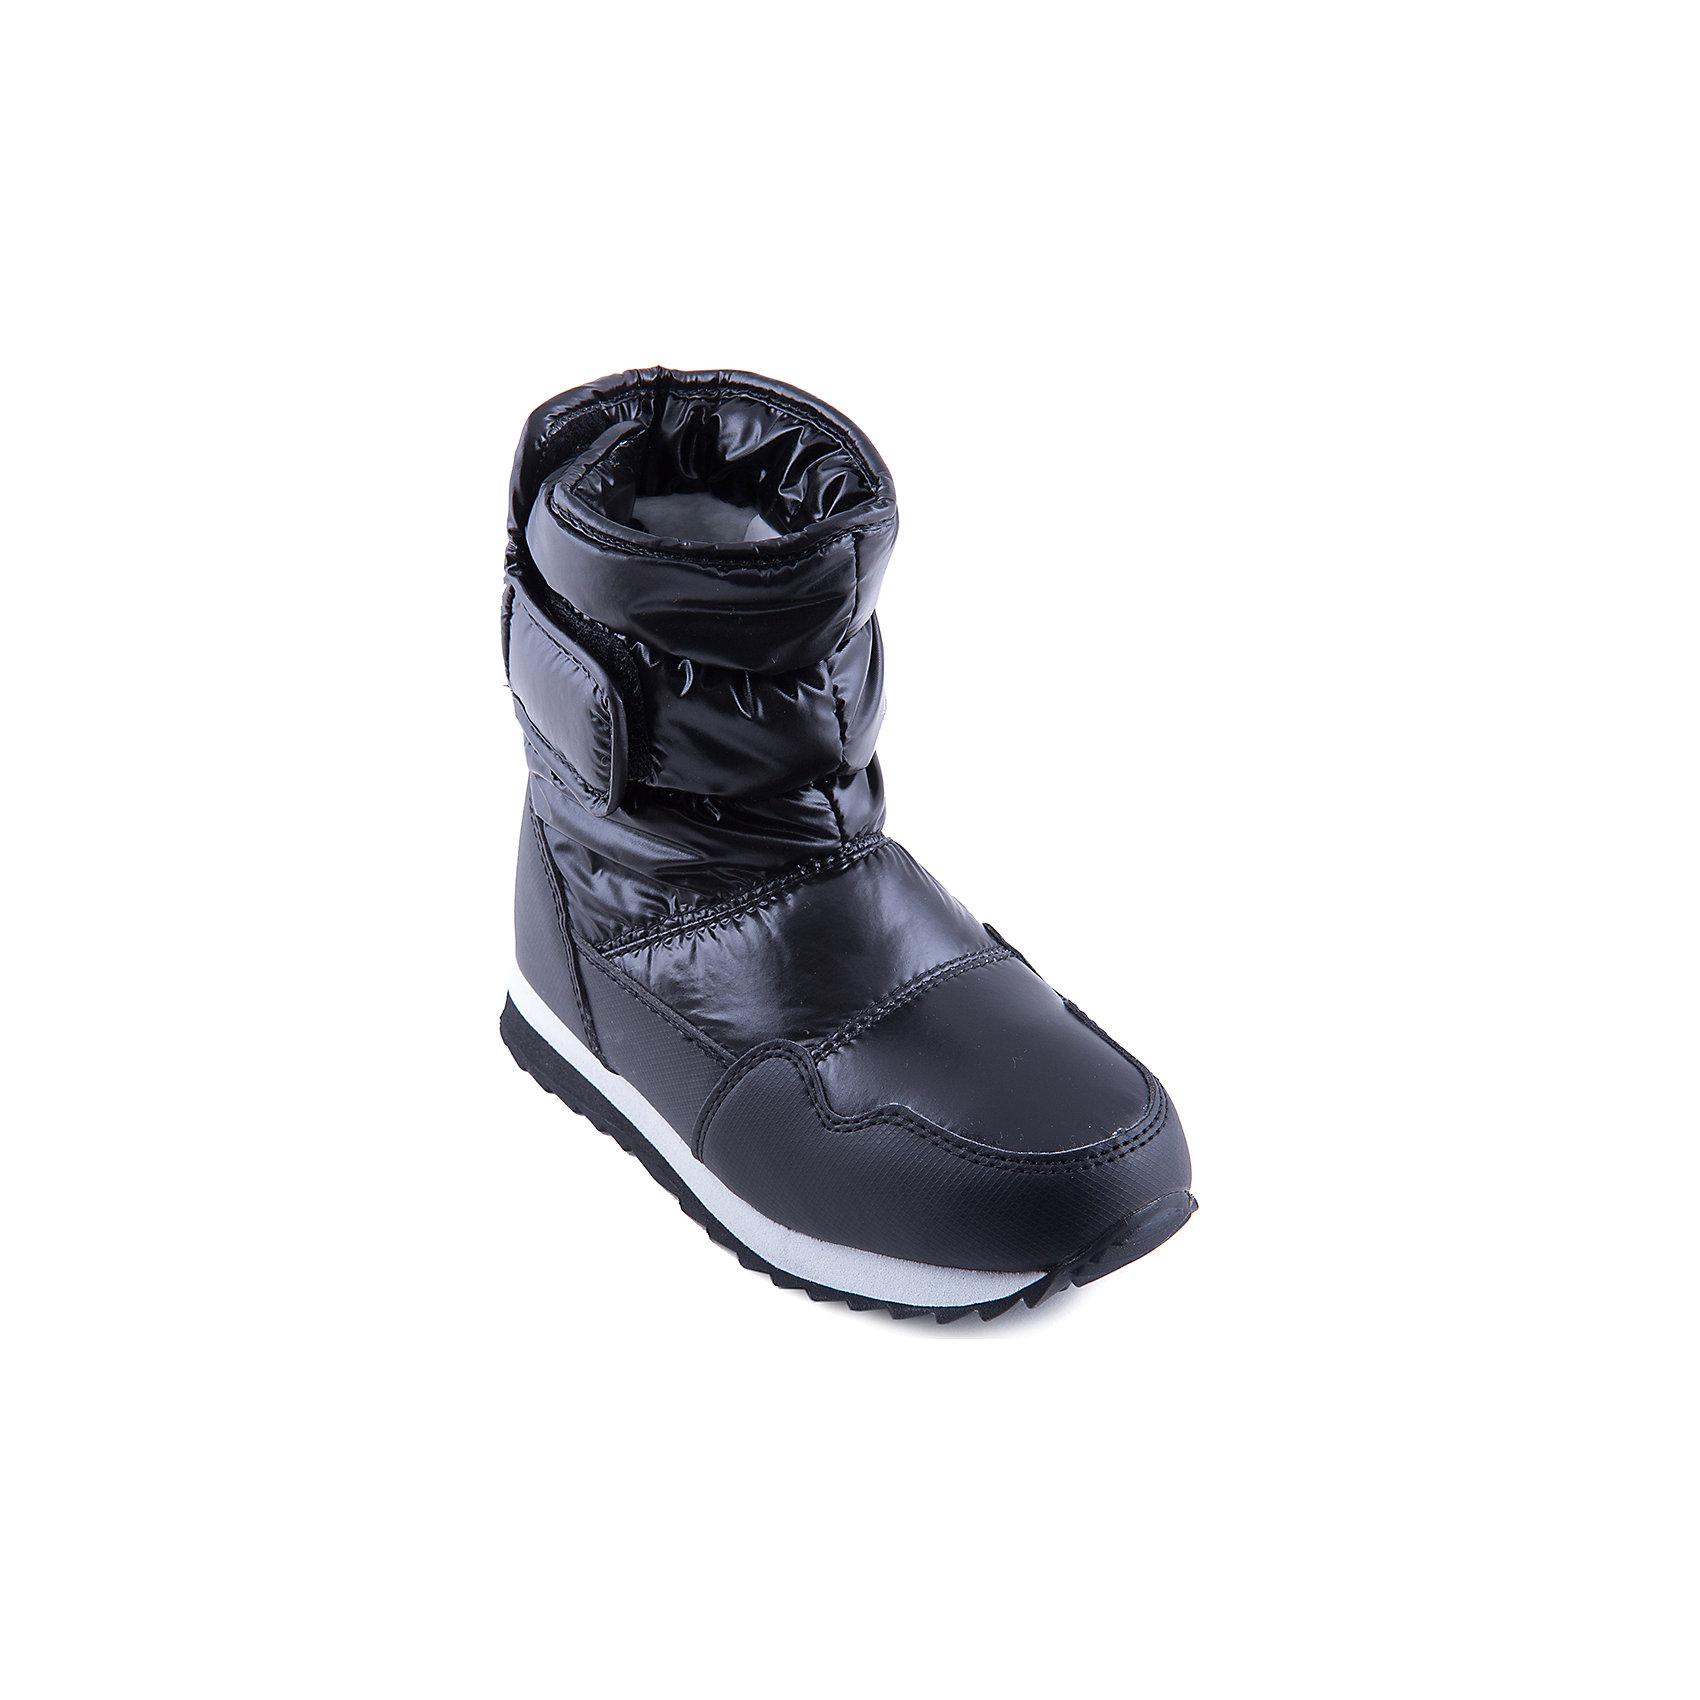 Сапоги для девочки MURSUСтильные сапоги от известного бренда MURSU порадуют всех юных модниц. Модель имеет толстую подошву, отлично защищающую ноги от холода, выполнена из высококачественных материалов, очень хорошо смотрится на ноге.   Прекрасный вариант на холодную погоду. <br><br>Дополнительная информация:<br><br>- Сезон: зима/осень.<br>- Тепловой режим: от -5? до -25? <br>- Цвет: черный.<br>- Рифленая подошва.<br>- Тип застежки: липучка. <br><br>Состав:<br>- Материал верха: текстиль/ искусственная замша.<br>- Материал подкладки: искусственная шерсть.<br>- Материал подошвы: TEP.<br>- Материал стельки: искусственная шерсть.<br><br>Сапоги для девочки MURSU (Мурсу) можно купить в нашем магазине.<br><br>Ширина мм: 257<br>Глубина мм: 180<br>Высота мм: 130<br>Вес г: 420<br>Цвет: черный<br>Возраст от месяцев: 72<br>Возраст до месяцев: 84<br>Пол: Женский<br>Возраст: Детский<br>Размер: 30,33,32,31,34,35<br>SKU: 4202548